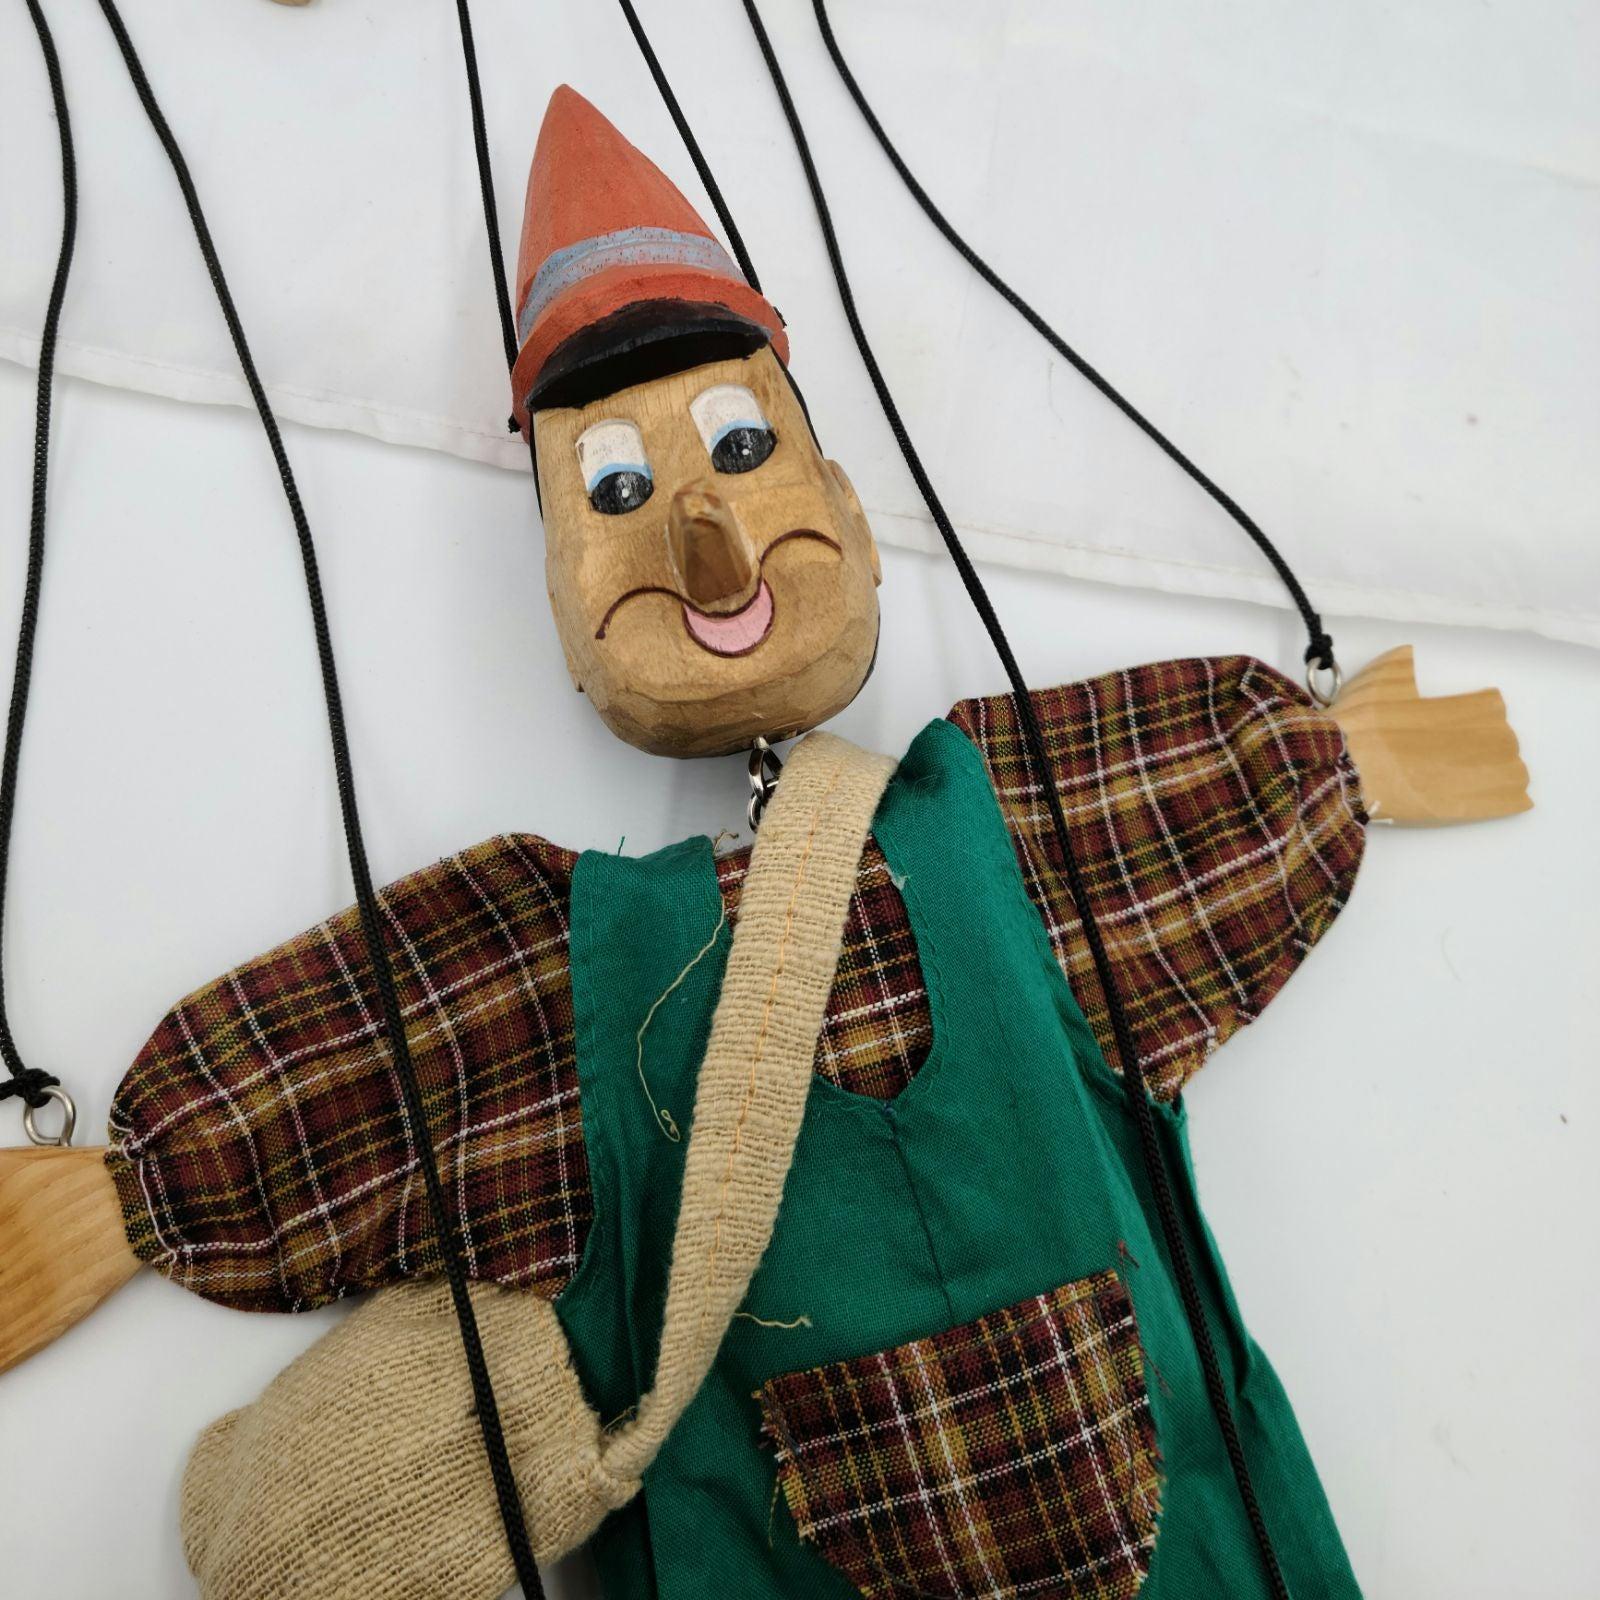 Vintage hand carved marionette puppet